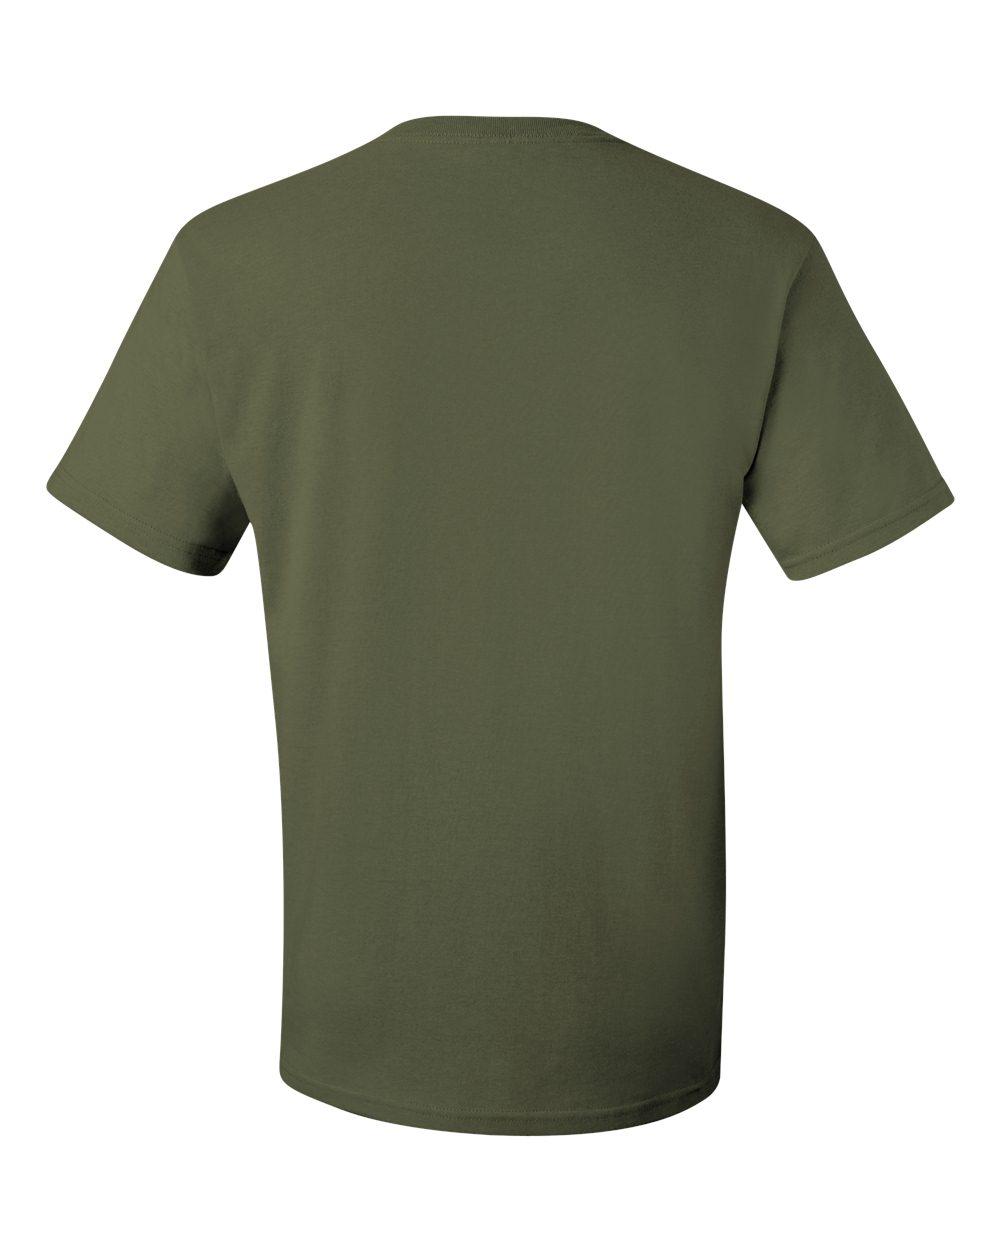 Jerzees-Men-039-s-5-6-oz-50-50-Heavyweight-Blend-T-Shirt-29M-S-4XL thumbnail 13